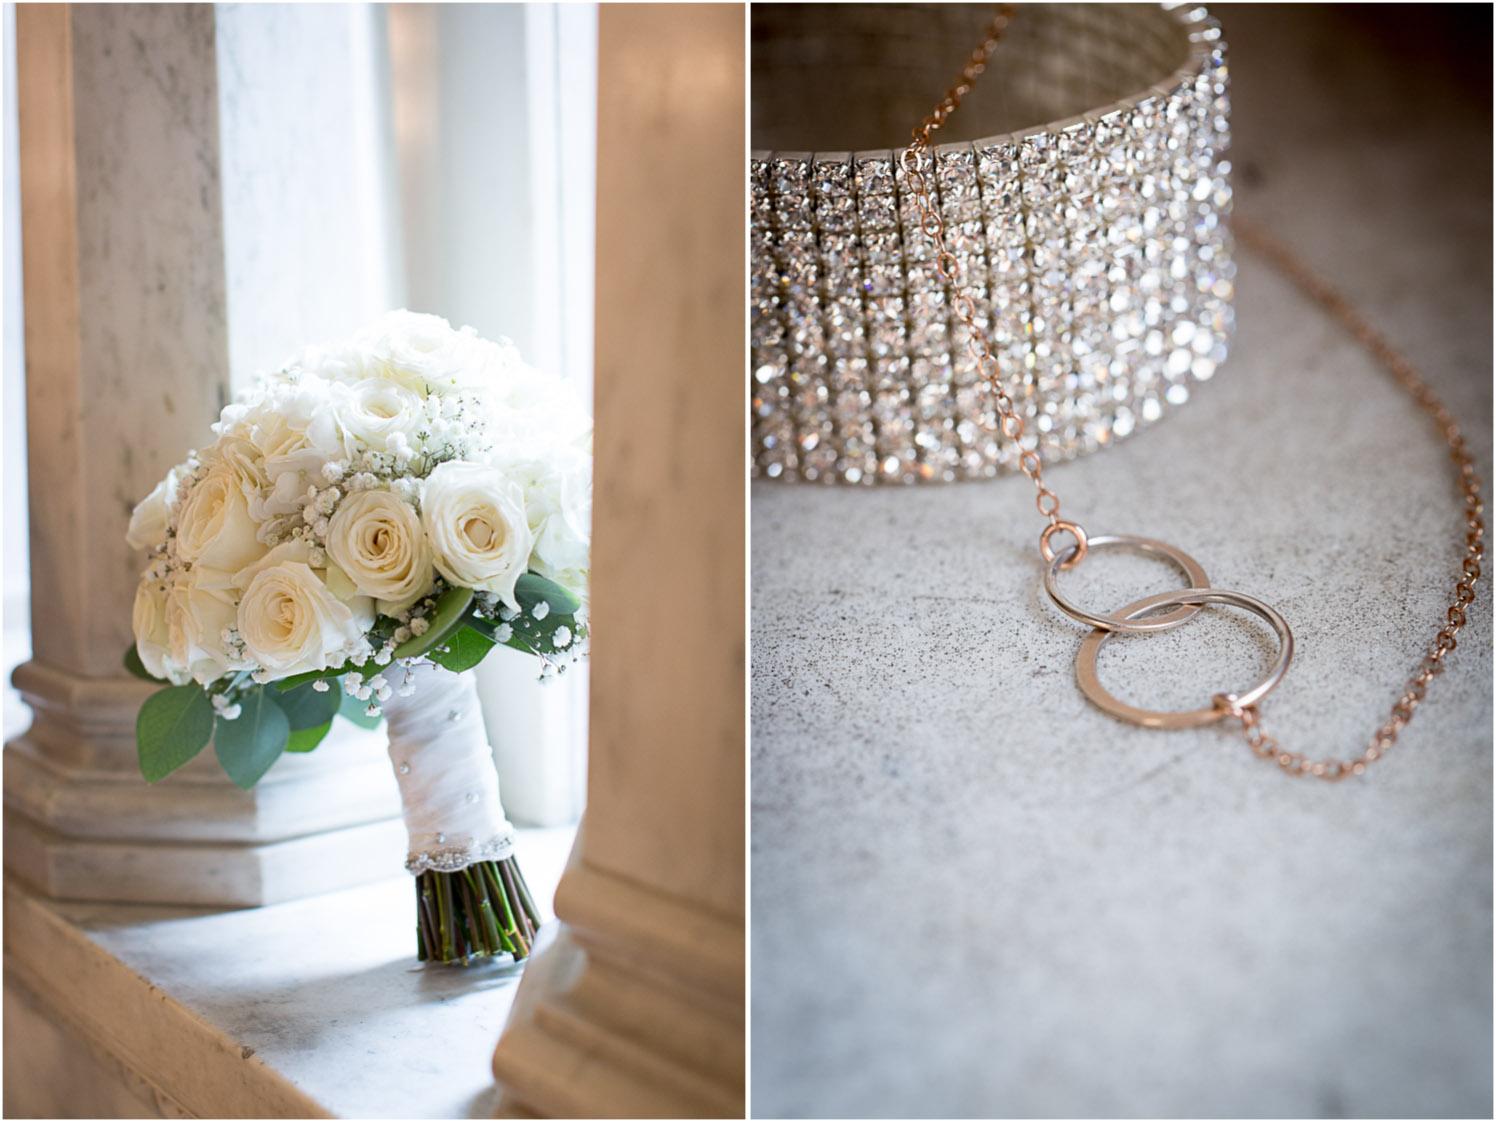 04-the-landmark-center-st-paul-minnesota-wedding-photographer-bridal-details-rhinestone-bracelet-bouguet-white-roses-babys-breath-mahonen-photography.jpg